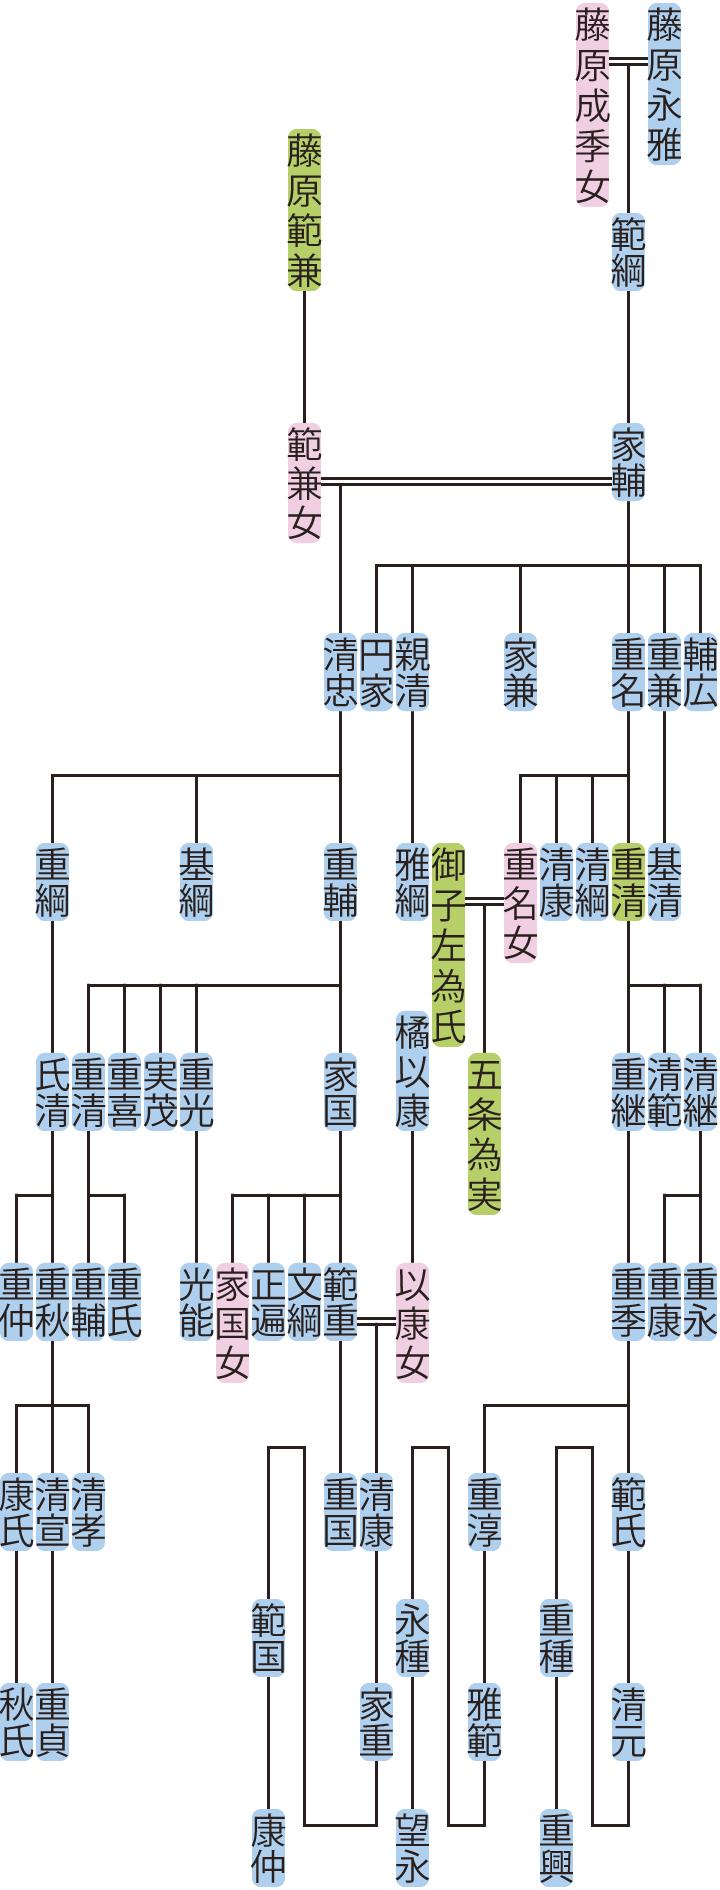 藤原家輔の系図